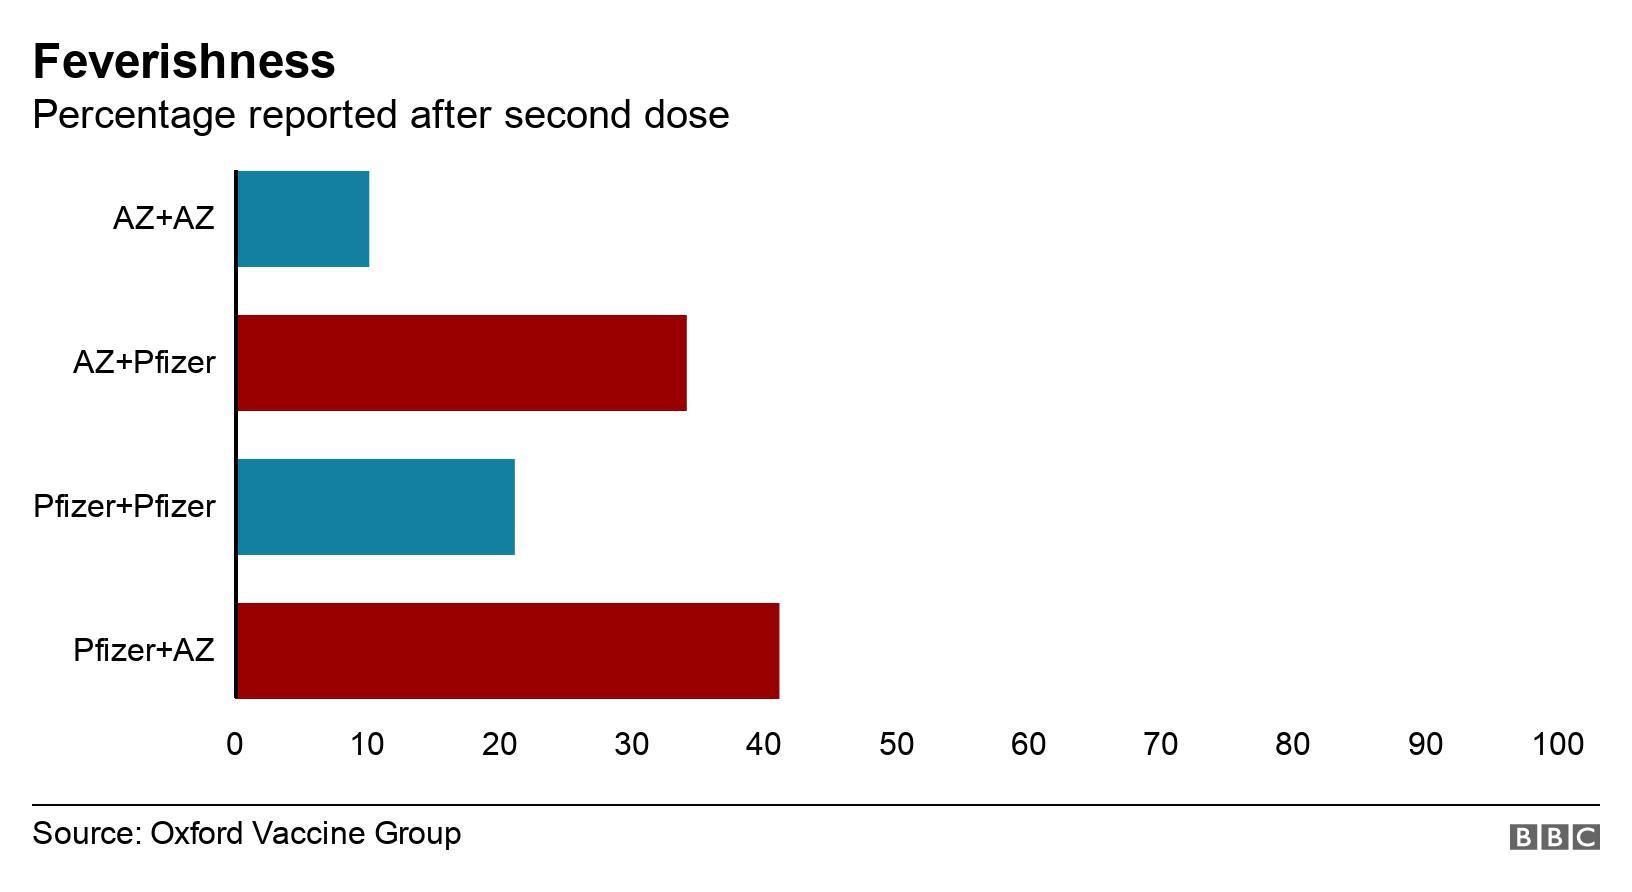 Поєднання різних вакцин проти COVID-19 збільшує побічні ефекти - дослідження